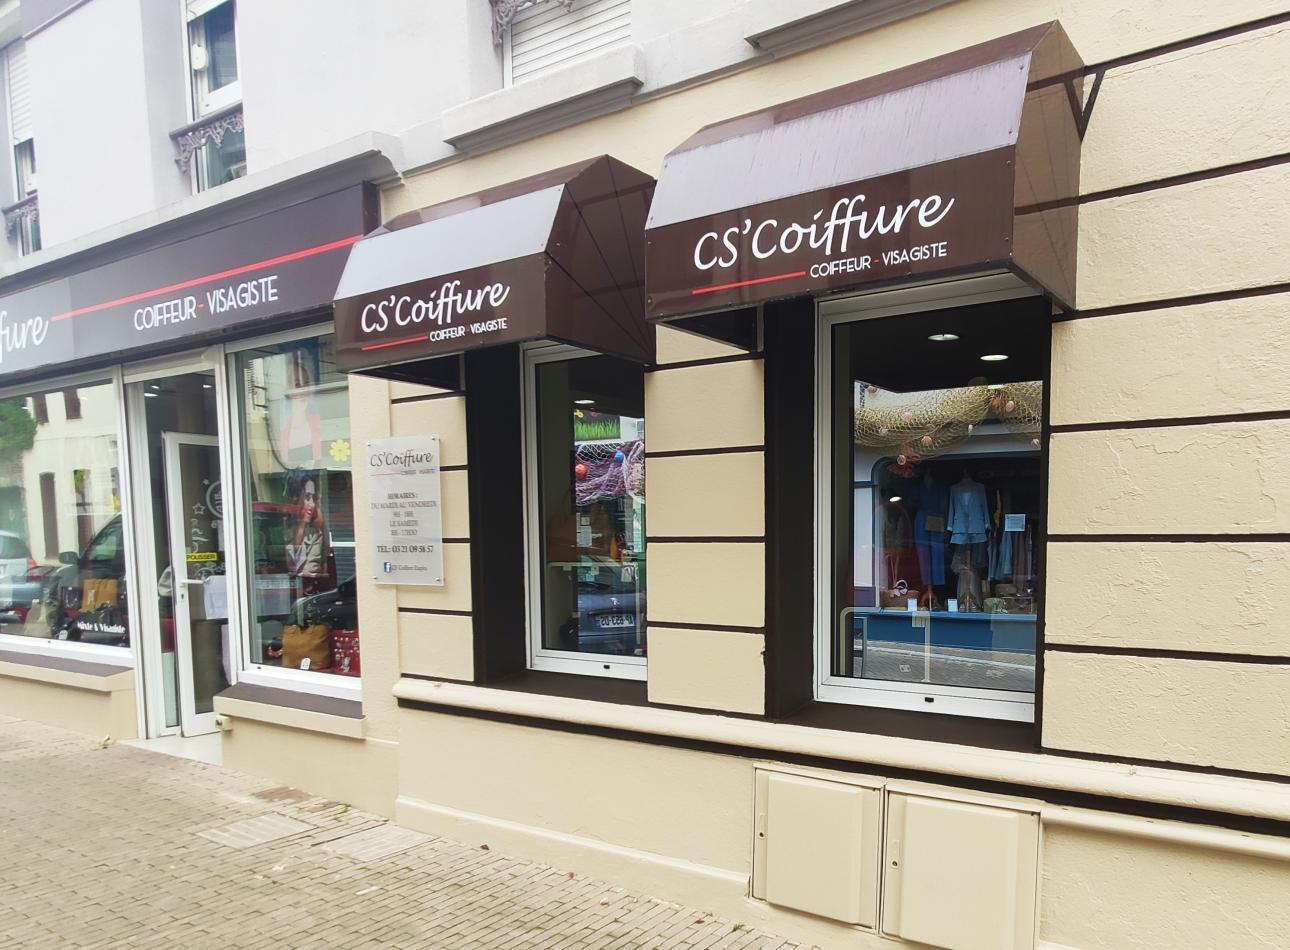 Coiffeur CS' Coiffure Étaples